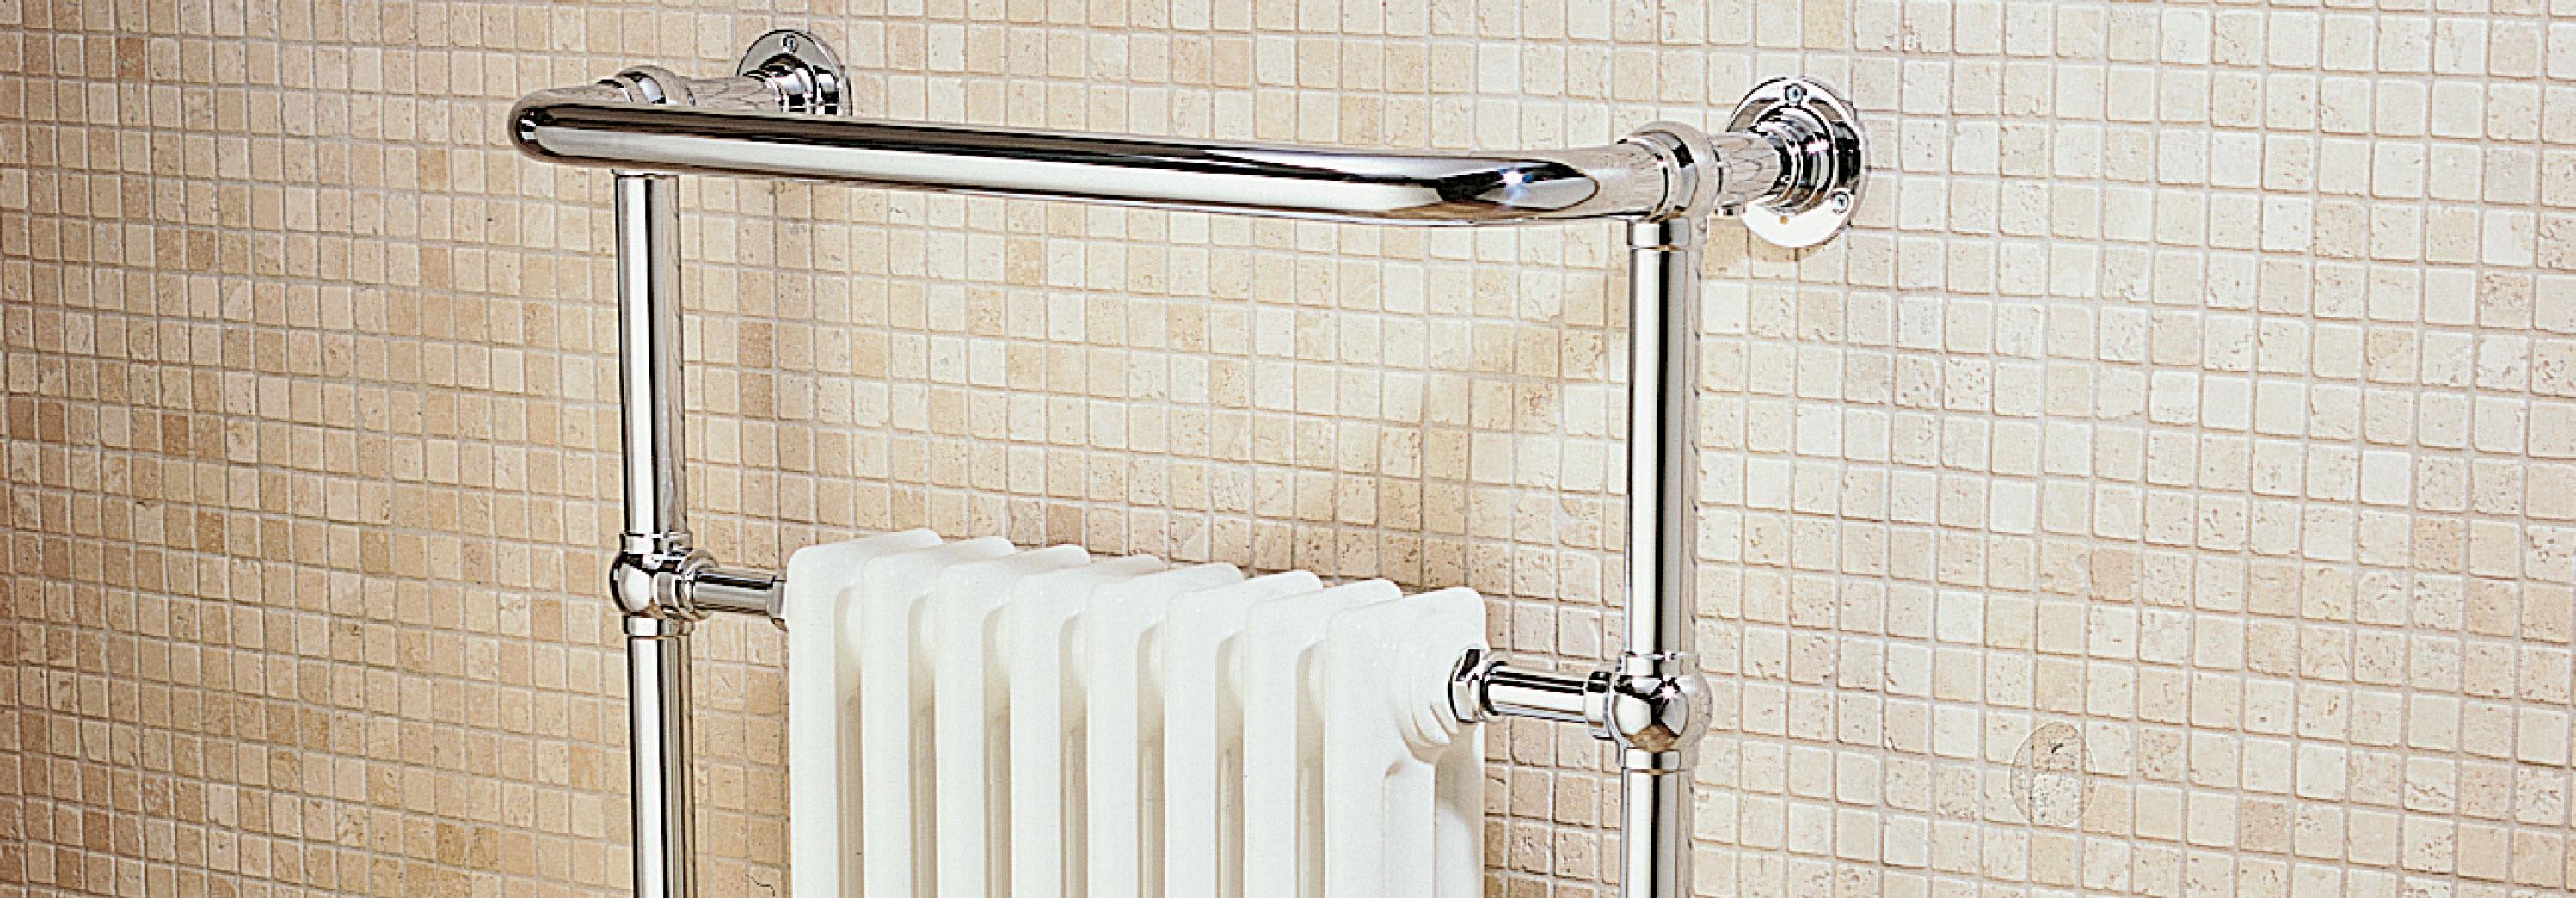 Versailles Towel Warmers